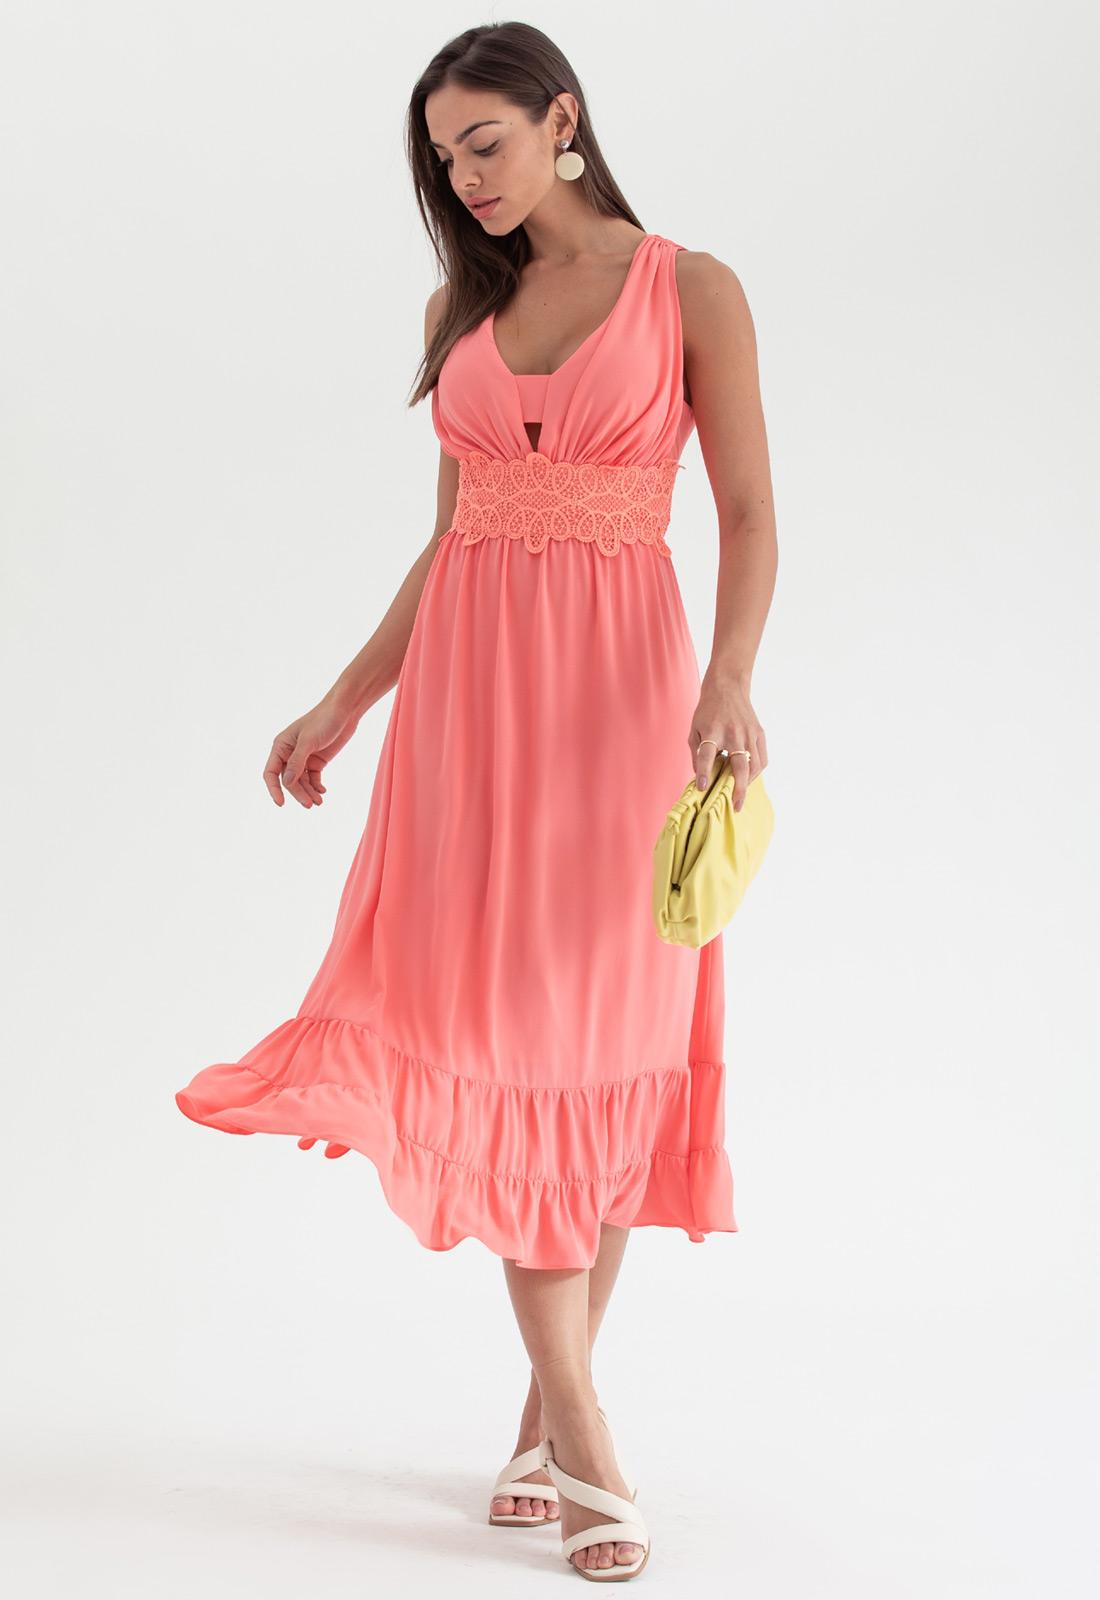 Vestido de festa midi coral - Ref. 2691